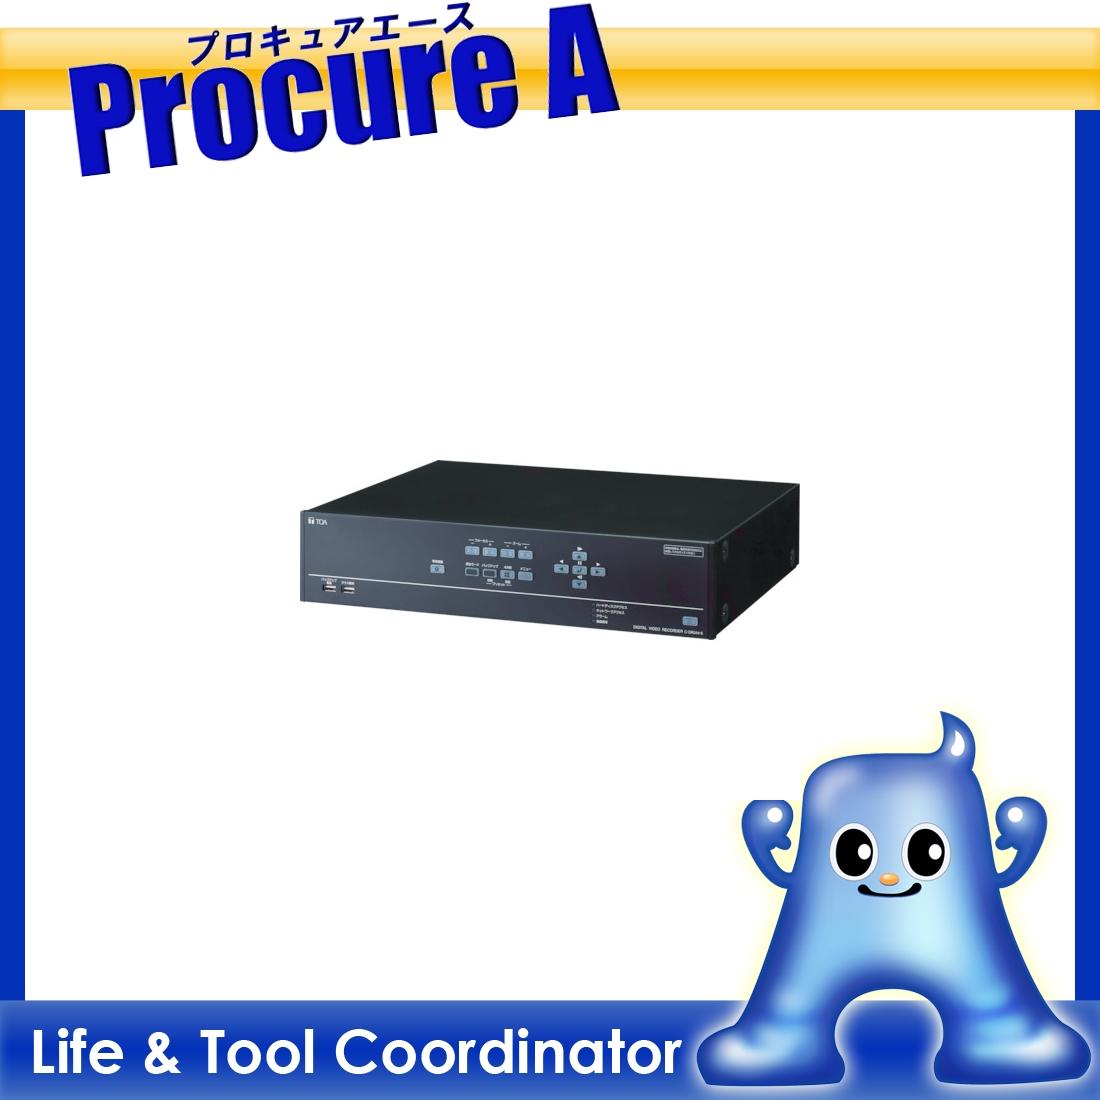 TOA デジタルレコーダー 4局 500GB C-DR044-5 ▼453-7645 TOA(株) 【代引決済不可】